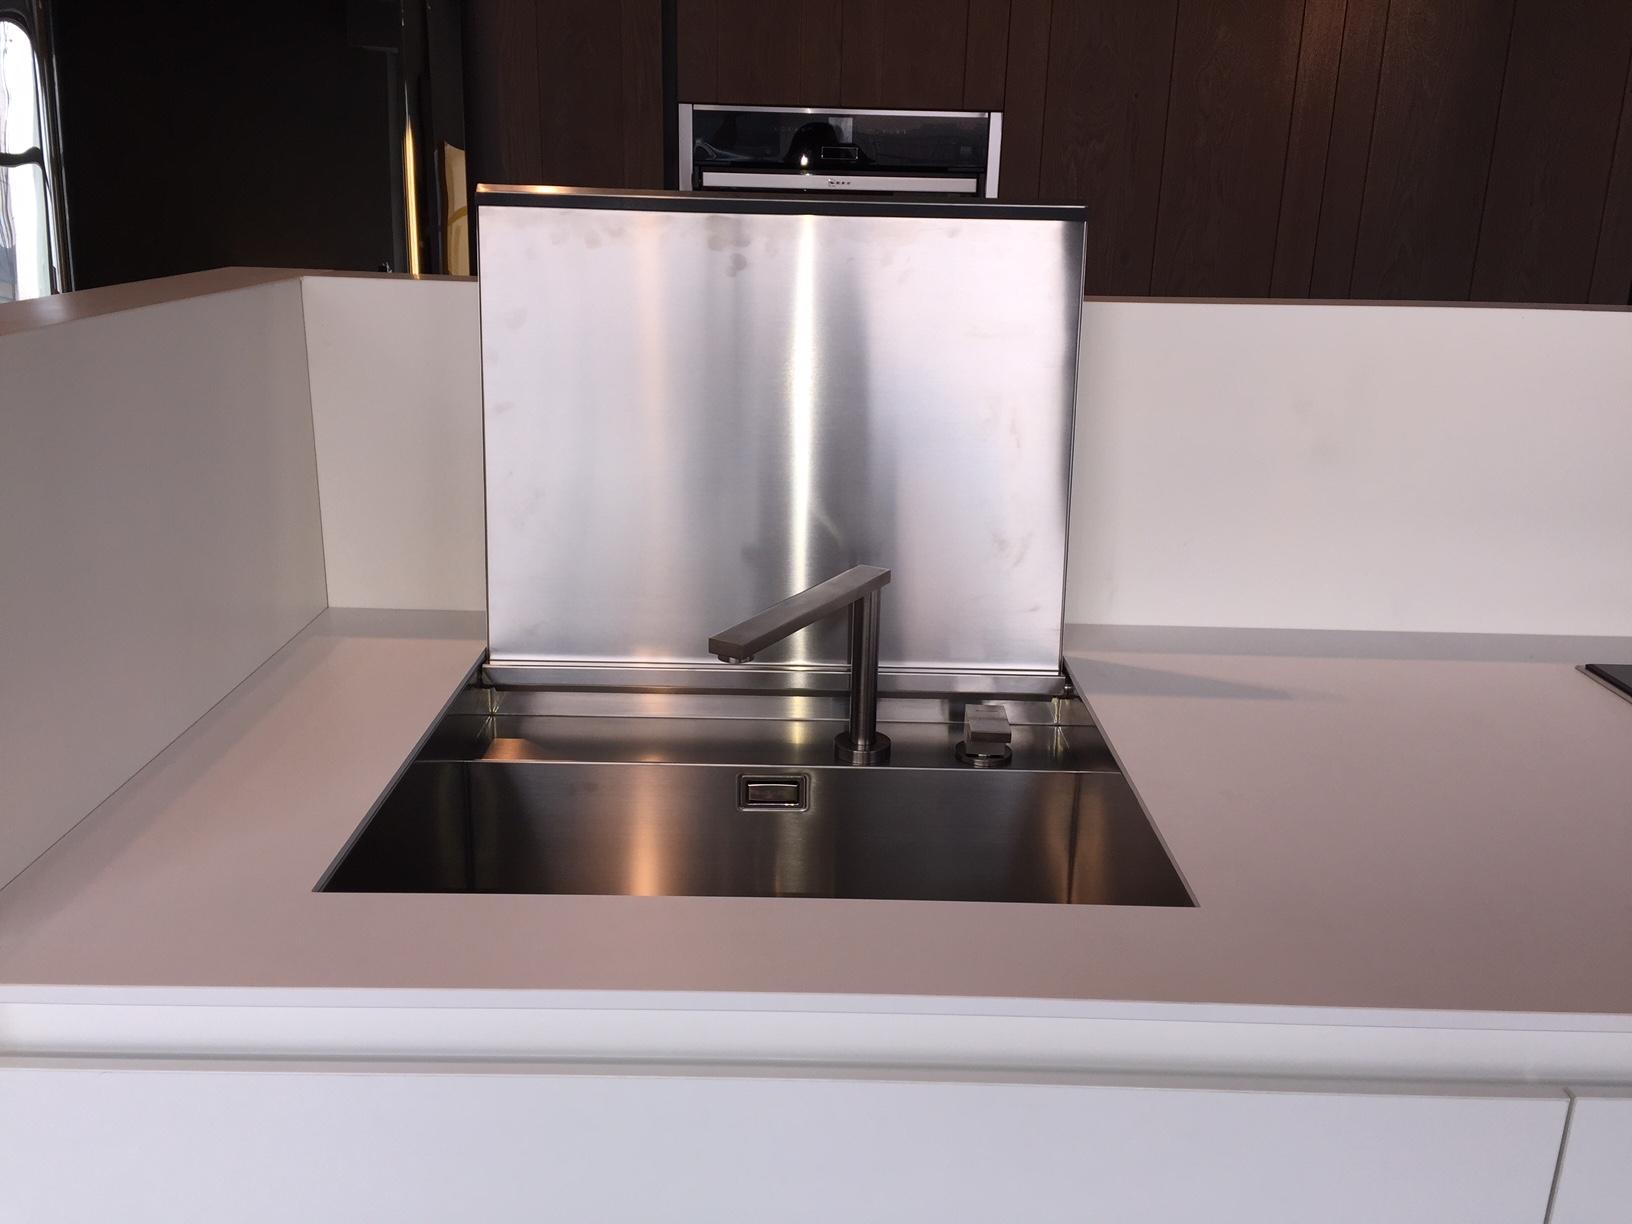 Cucina ad isola idee di design per la casa - Cucina ad isola prezzi ...